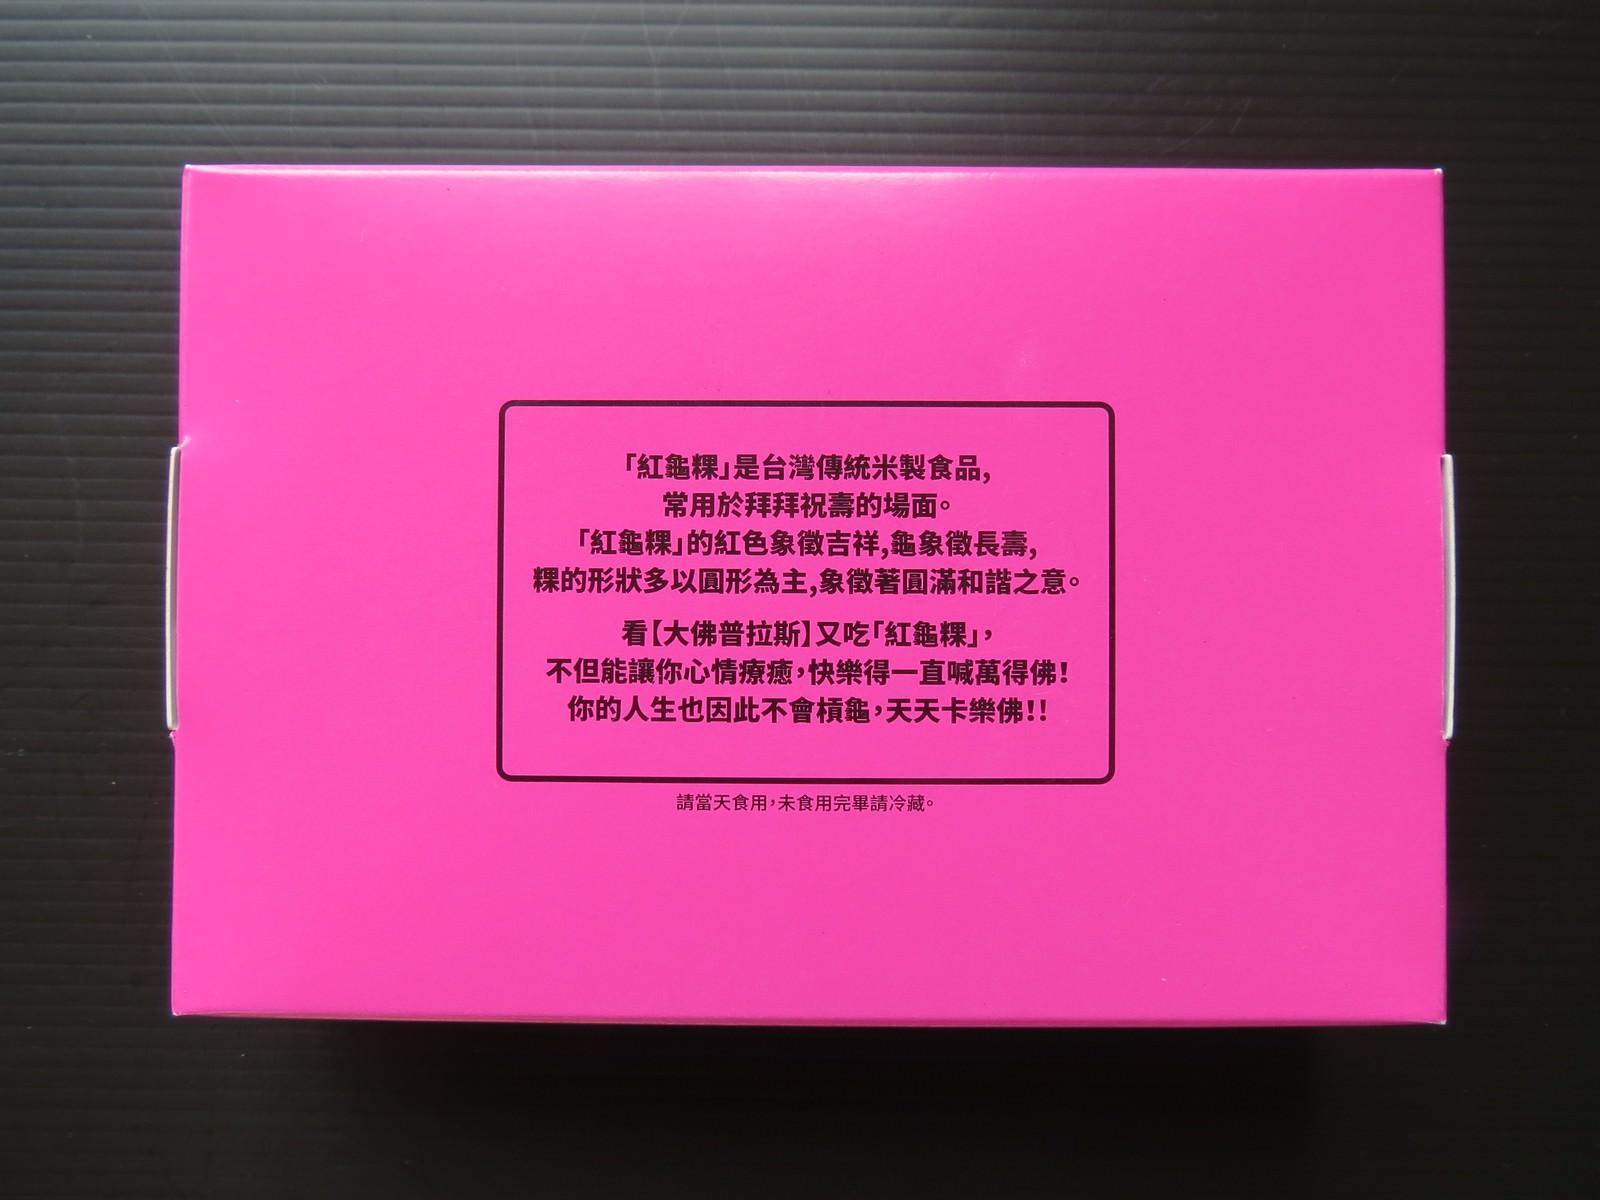 Movie, 大佛普拉斯(台灣, 2017年) / The Great Buddha+(英文), 特映會特殊票